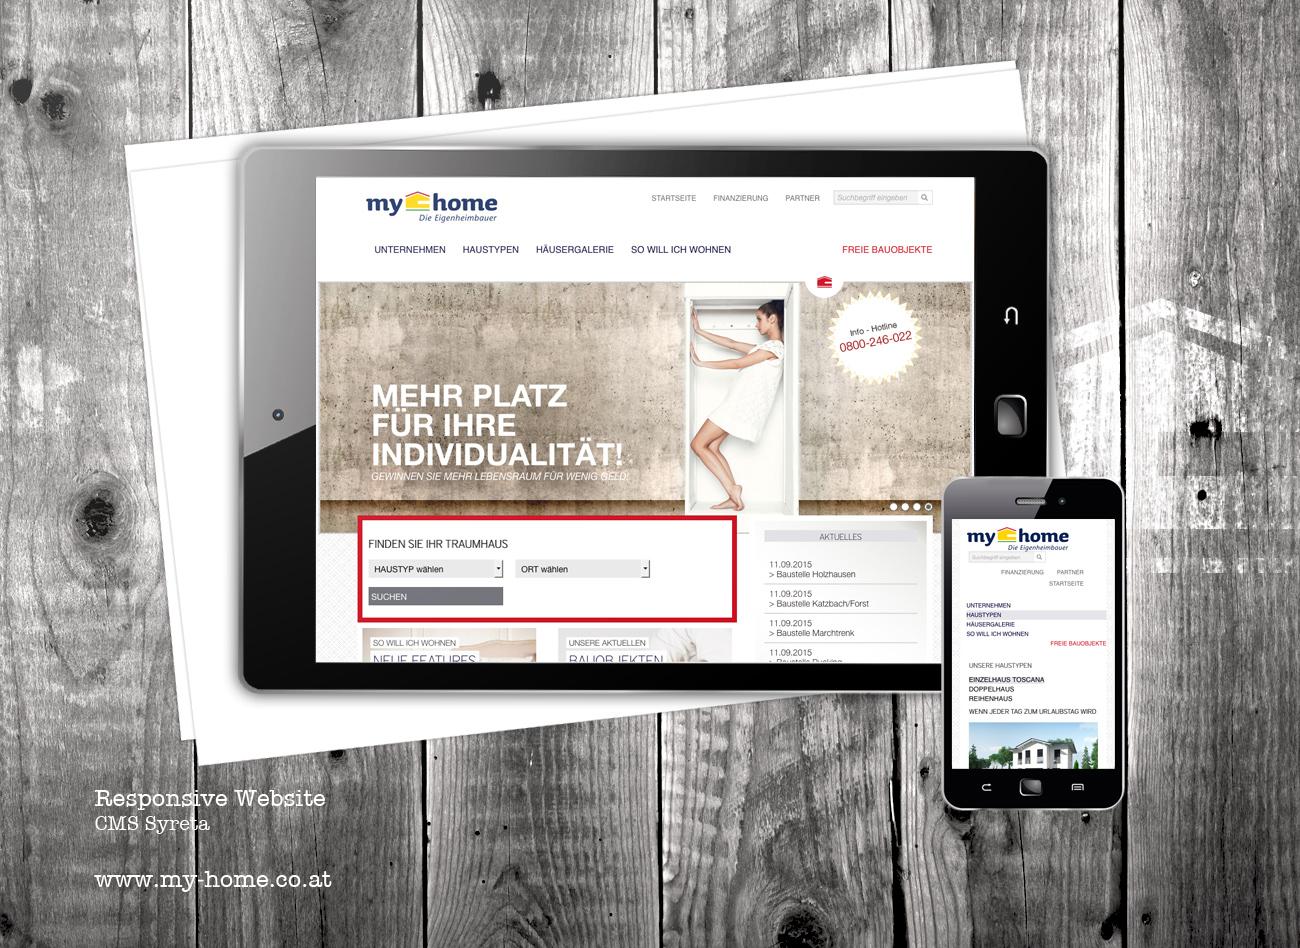 Responsive Website für my home / Die Eigenheimbauer